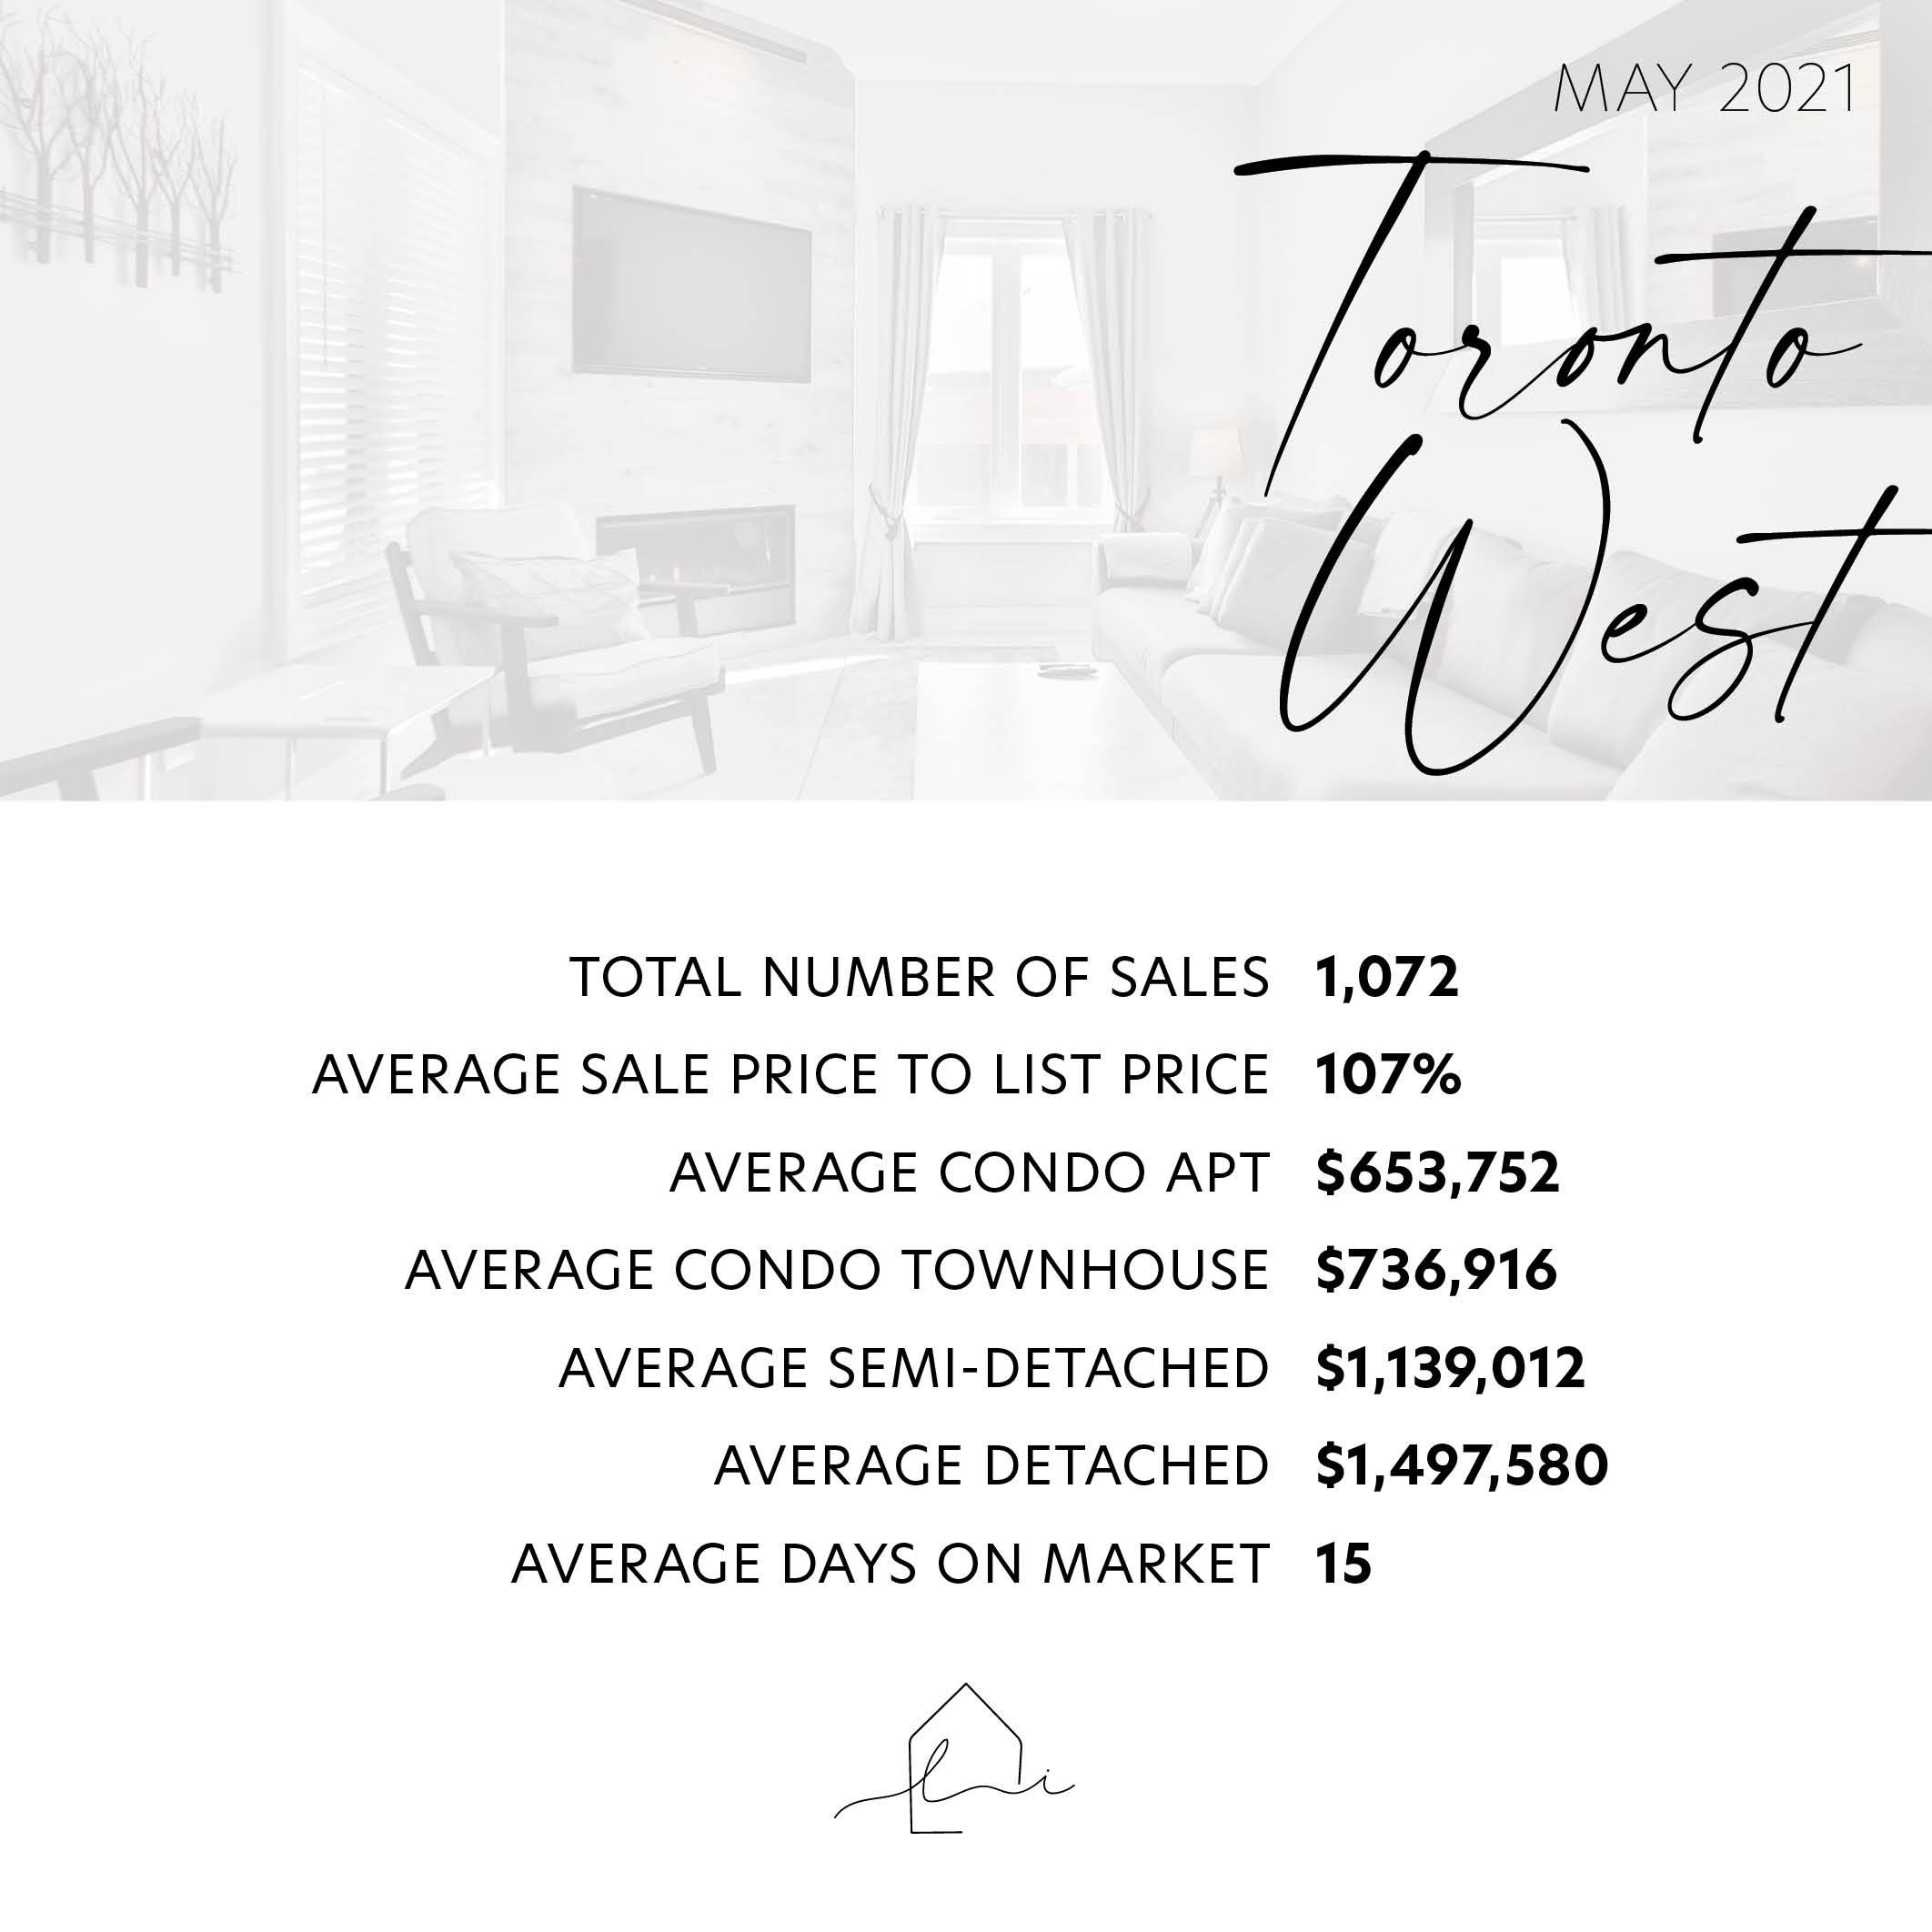 Toronto West May 2021 Statistics - Lara Stasiw Real Estate